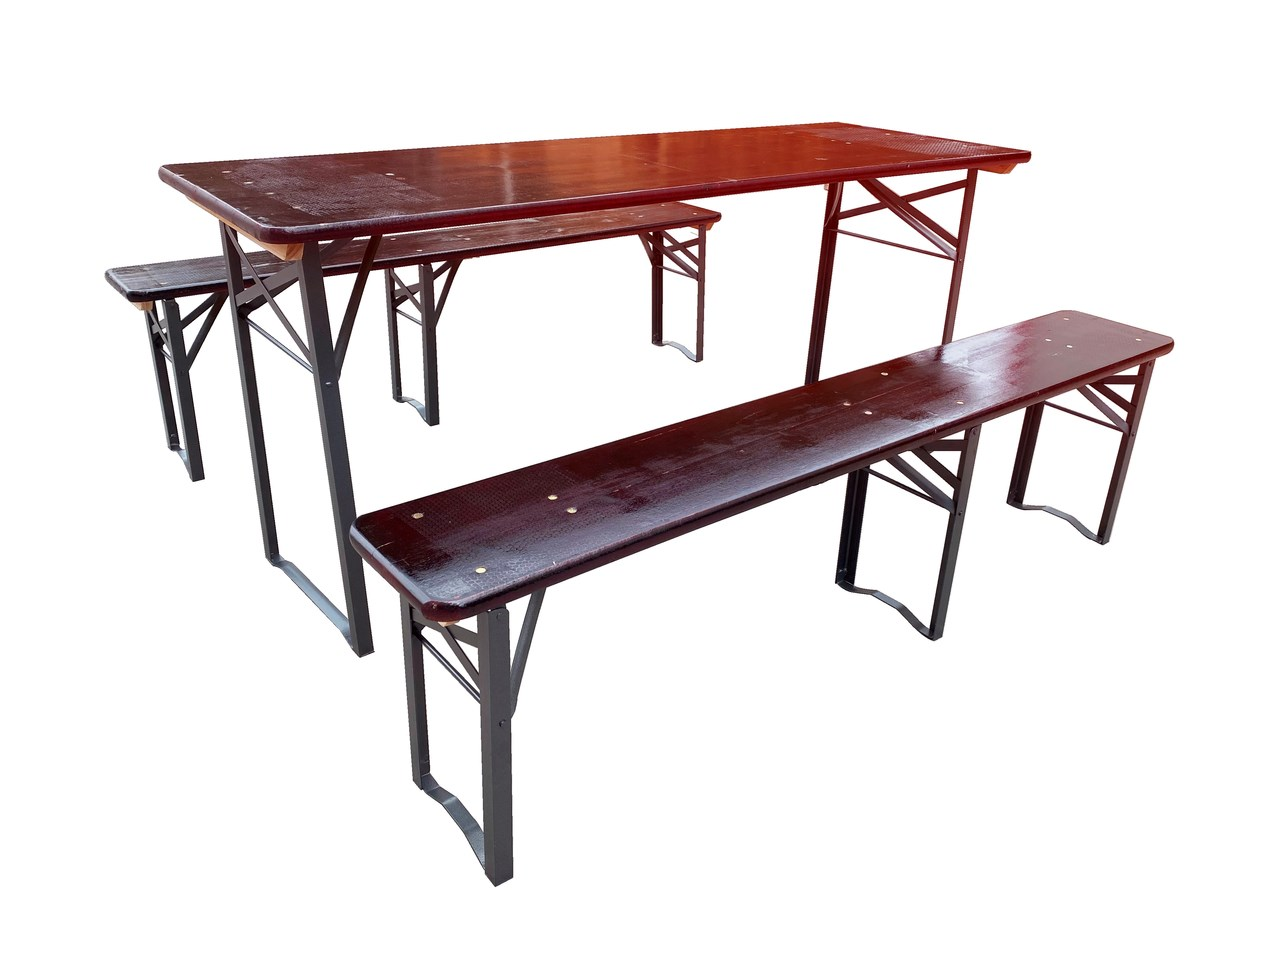 Tavoli Panche Birreria Offerte.Redi Set 1 Tavolo 2 Panche Struttura In Ferro E Piani In Legno